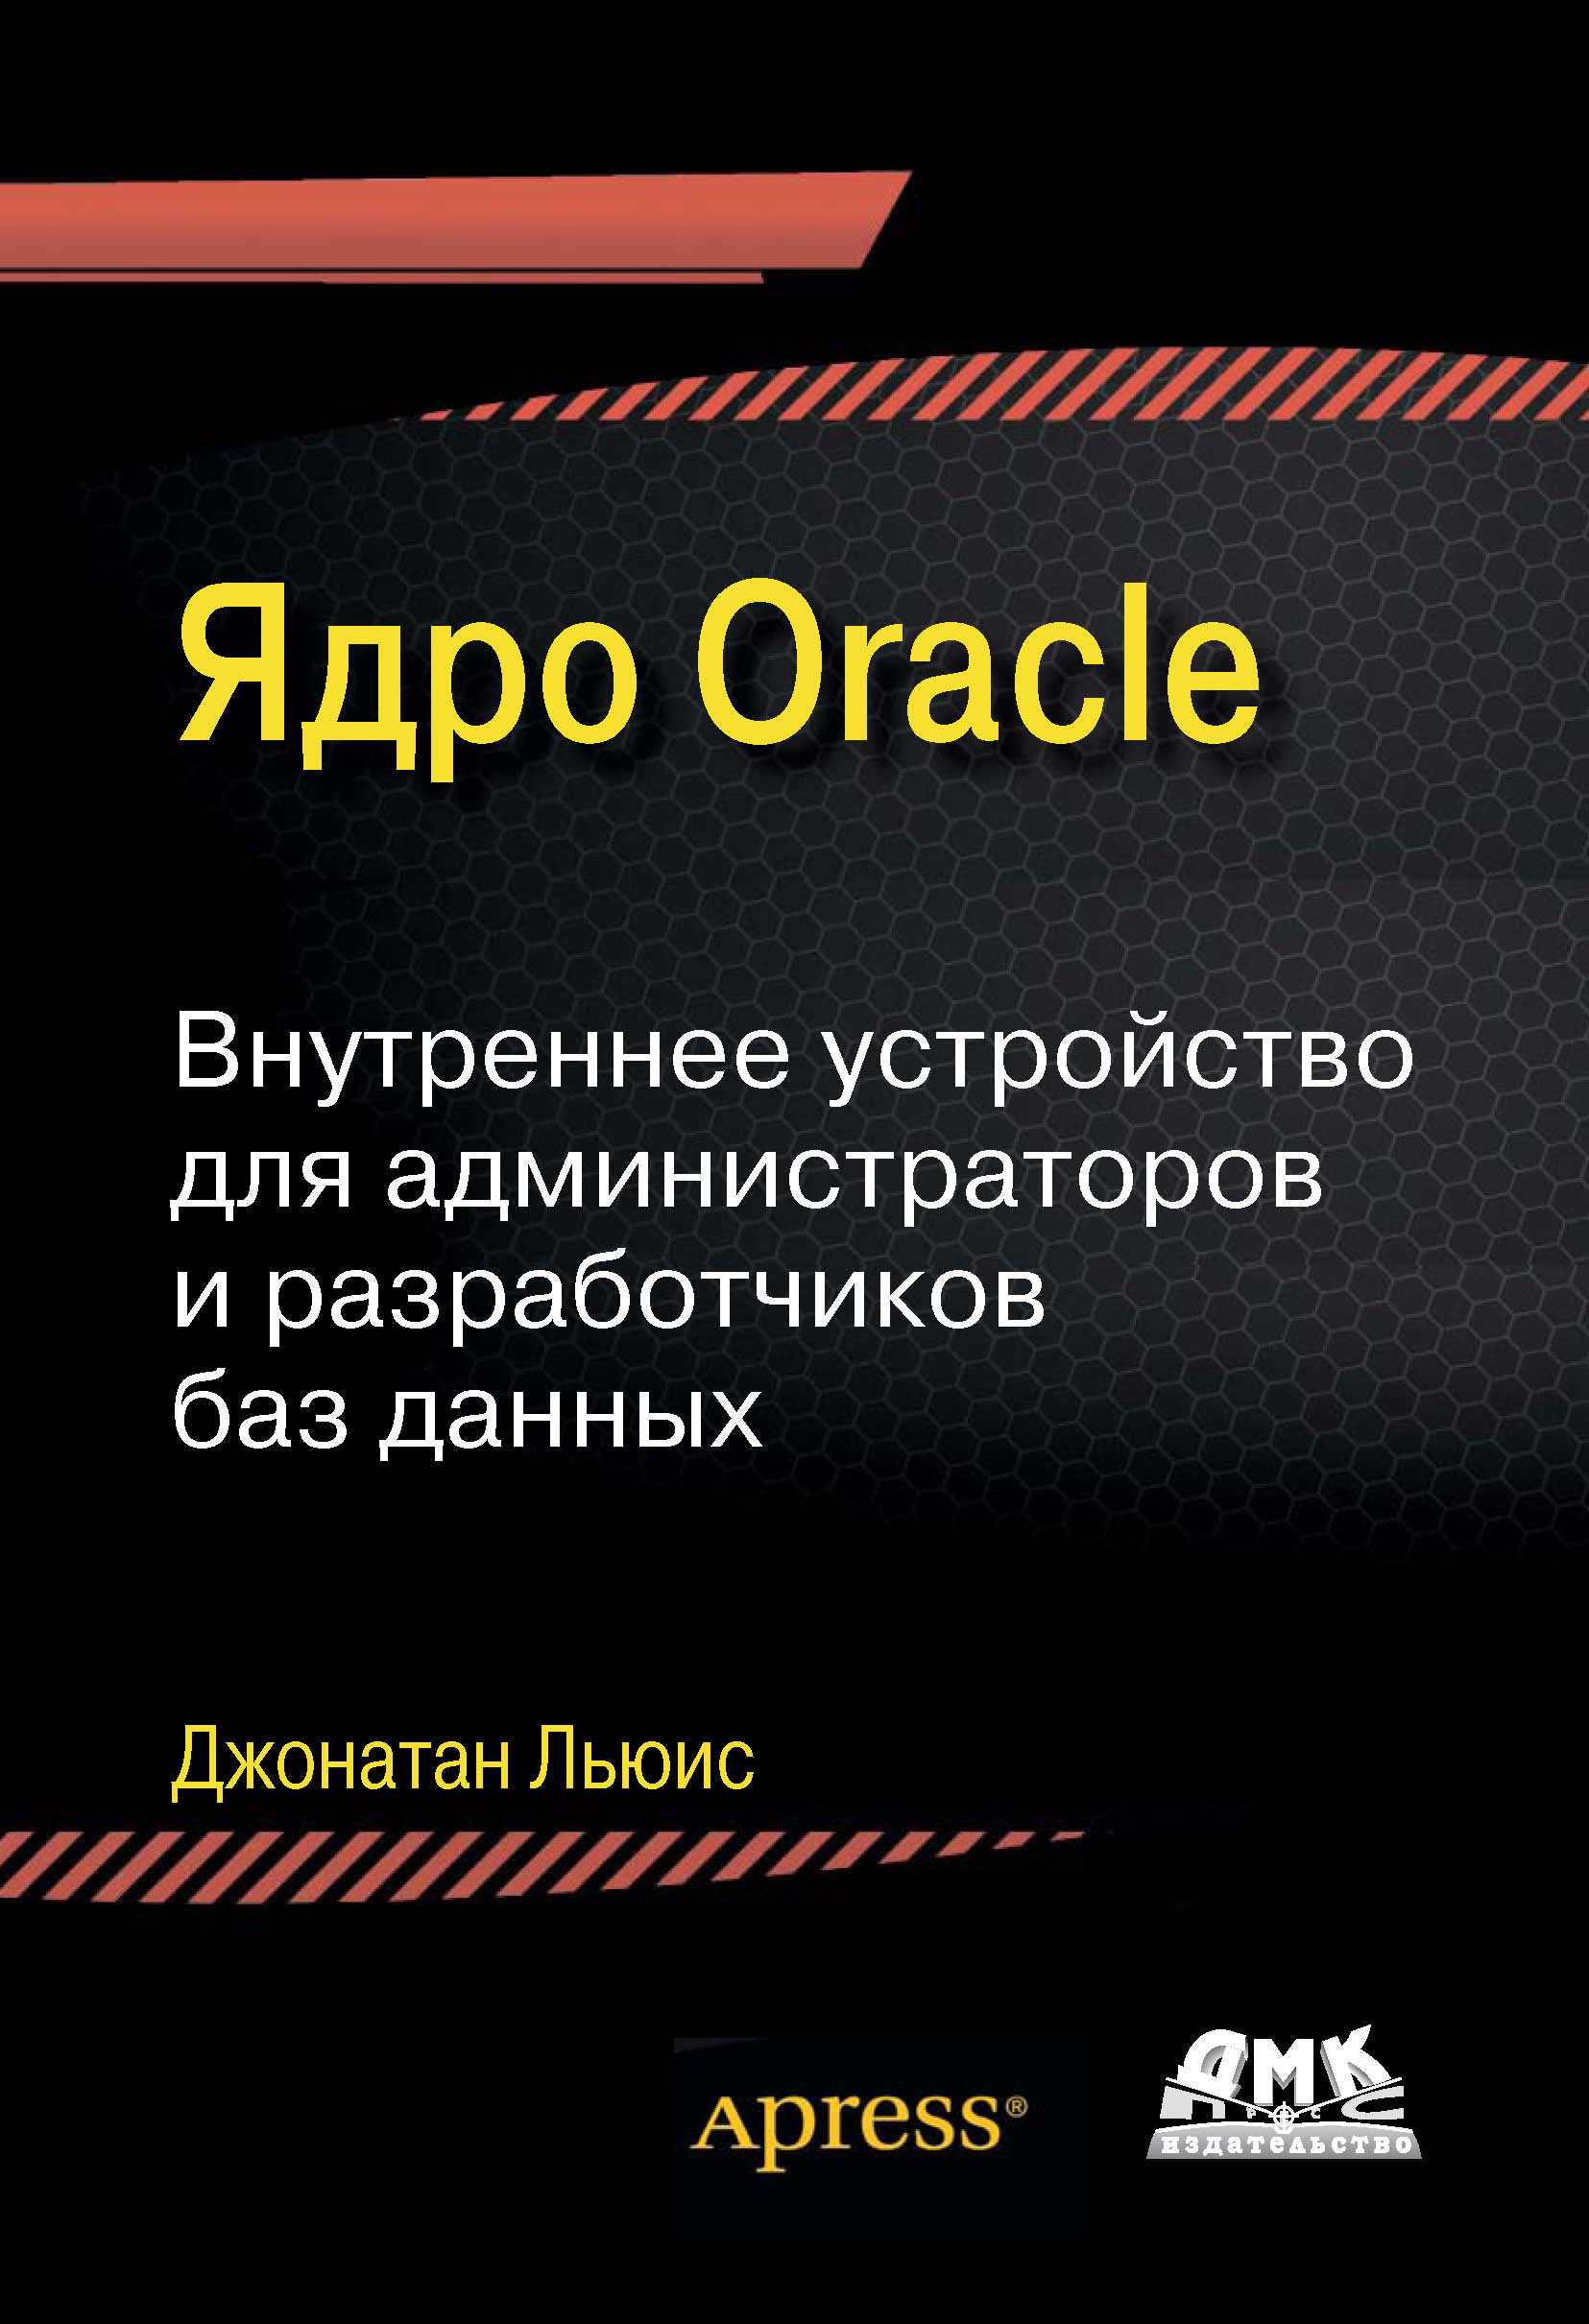 Джонатан Льюис Ядро Oracle. Внутреннее устройство для администраторов и разработчиков баз данных джонатан льюис ядро oracle внутреннее устройство для администраторов и разработчиков баз данных